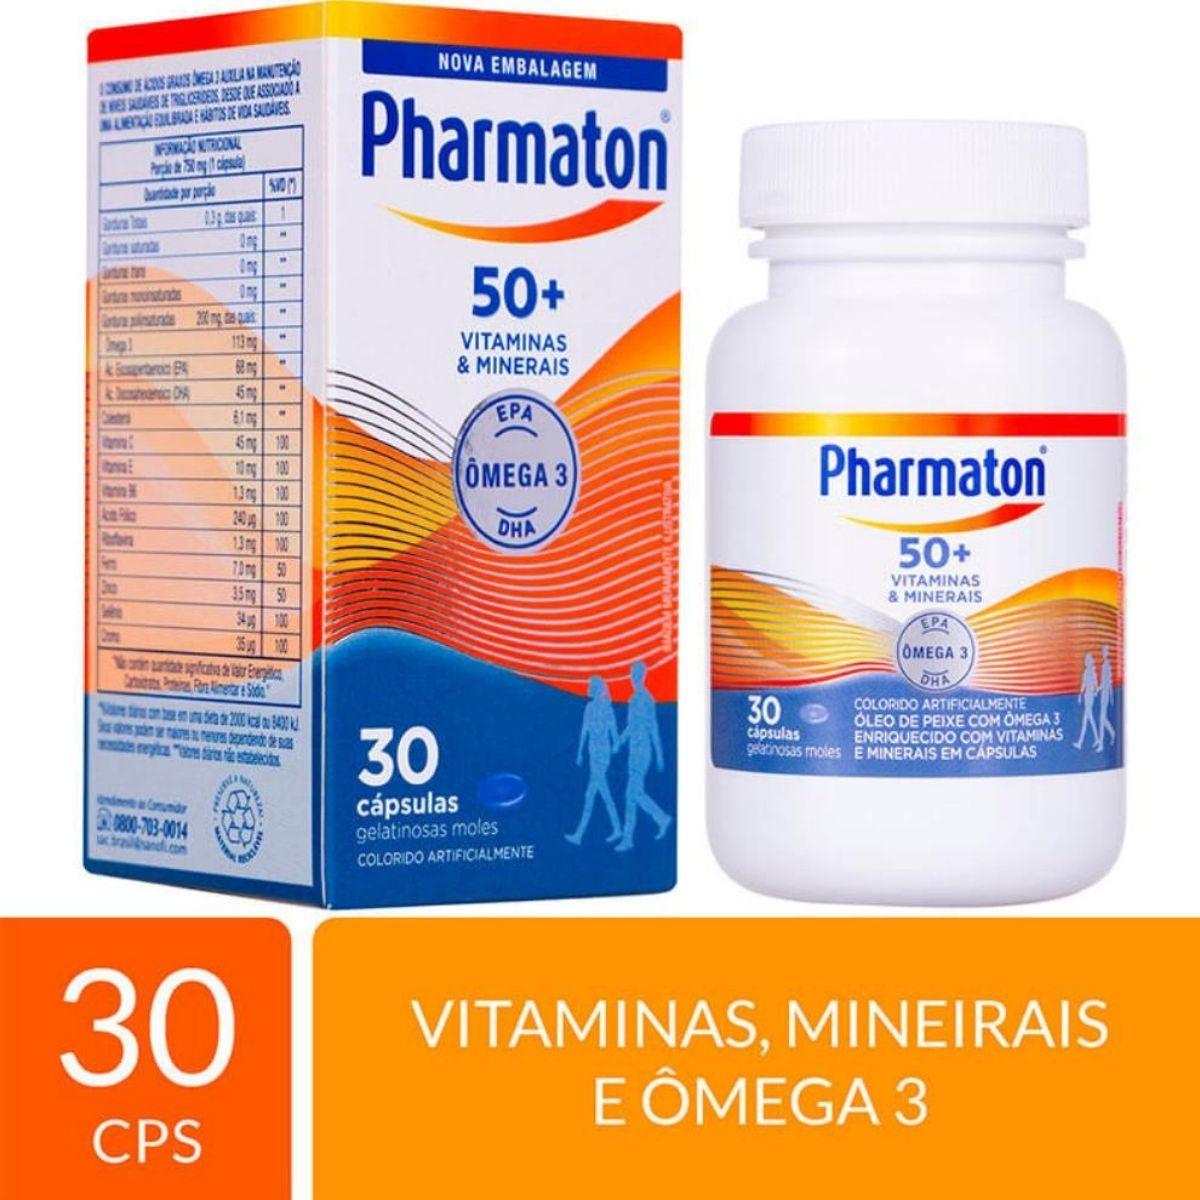 Pharmaton 50+ anos com 30 cápsulas